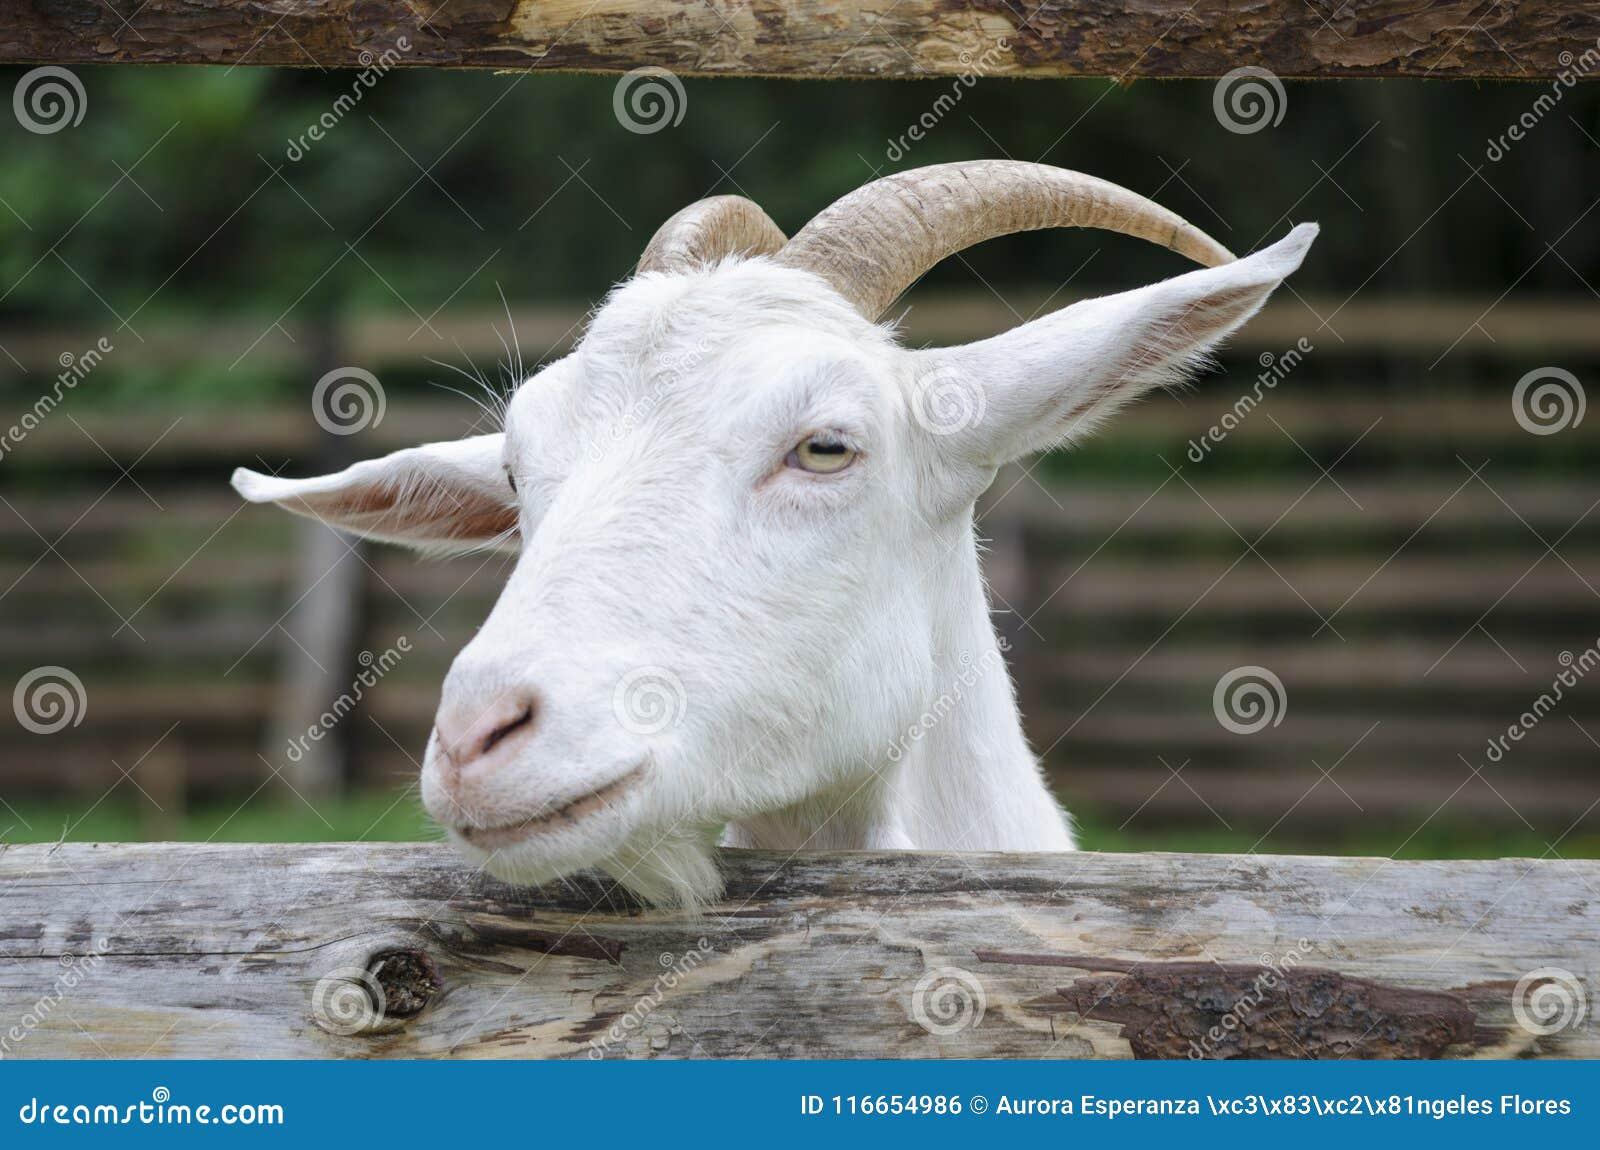 7a0e19fda2e9 A Baby White Goat In The Small Farm. Stock Photo - Image of mammal ...